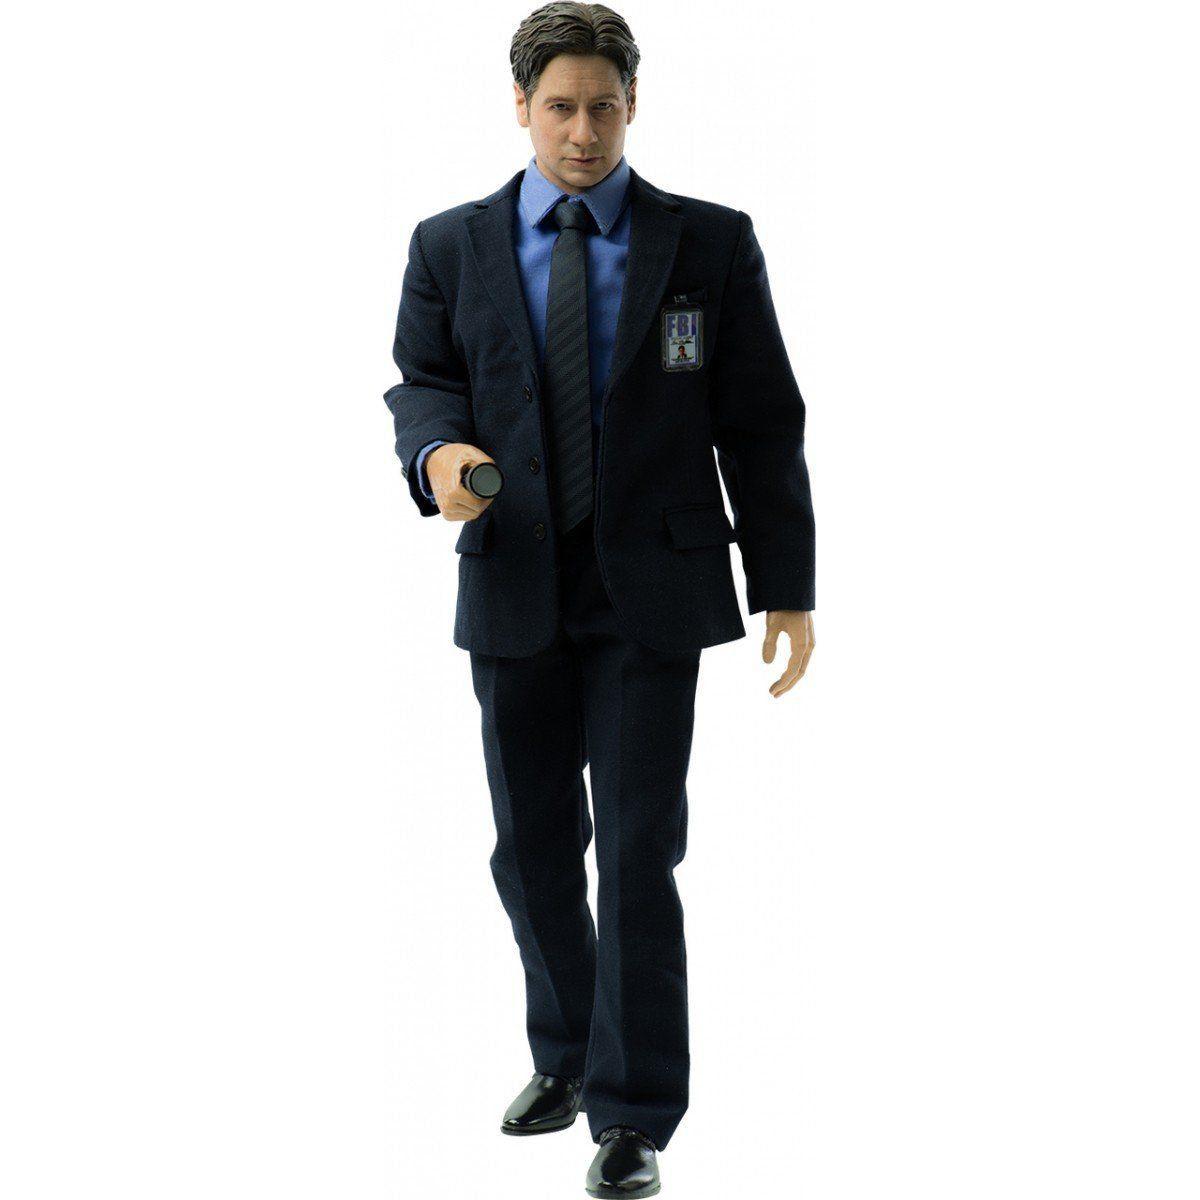 PRÉ VENDA: Boneco Agente Fox Mulder: Arquivo X (The X-Files) Escala 1/6 - Threezero